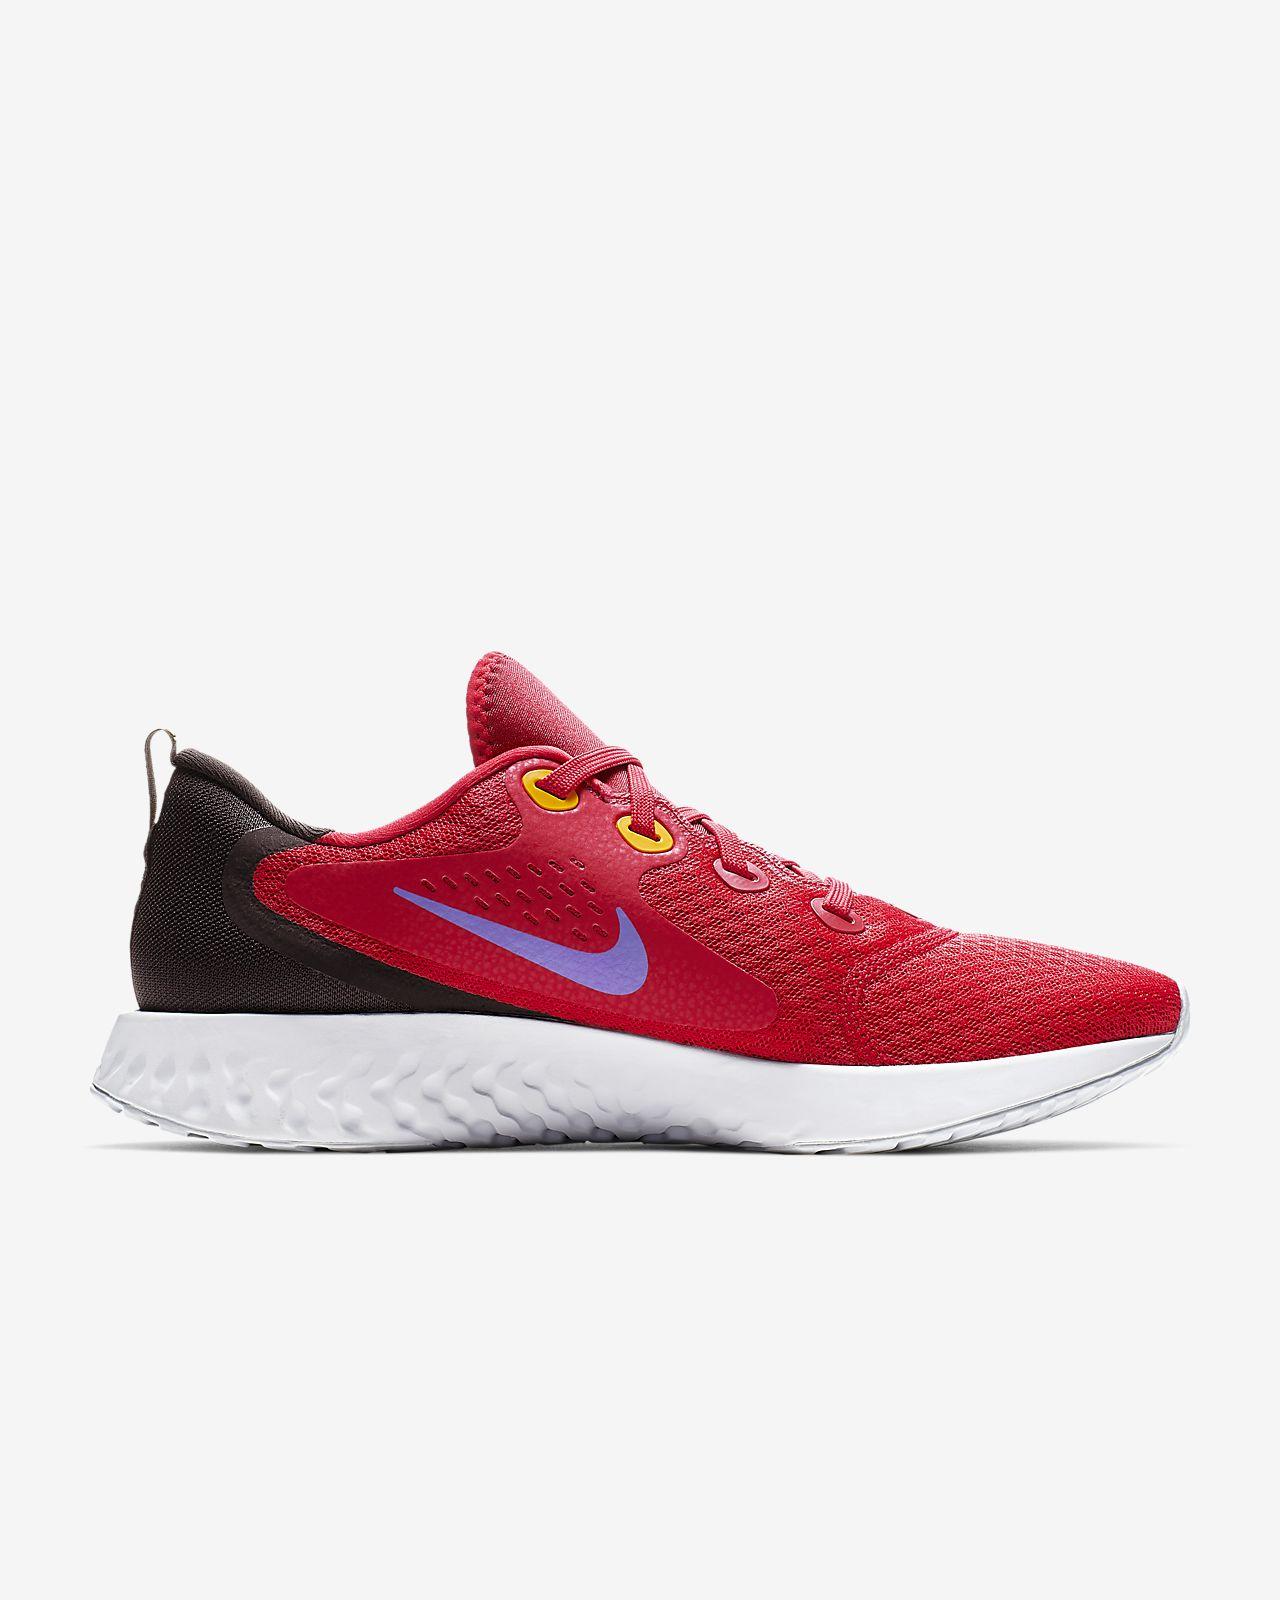 sale retailer a4a76 0536a ... Nike Legend React Men s Running Shoe